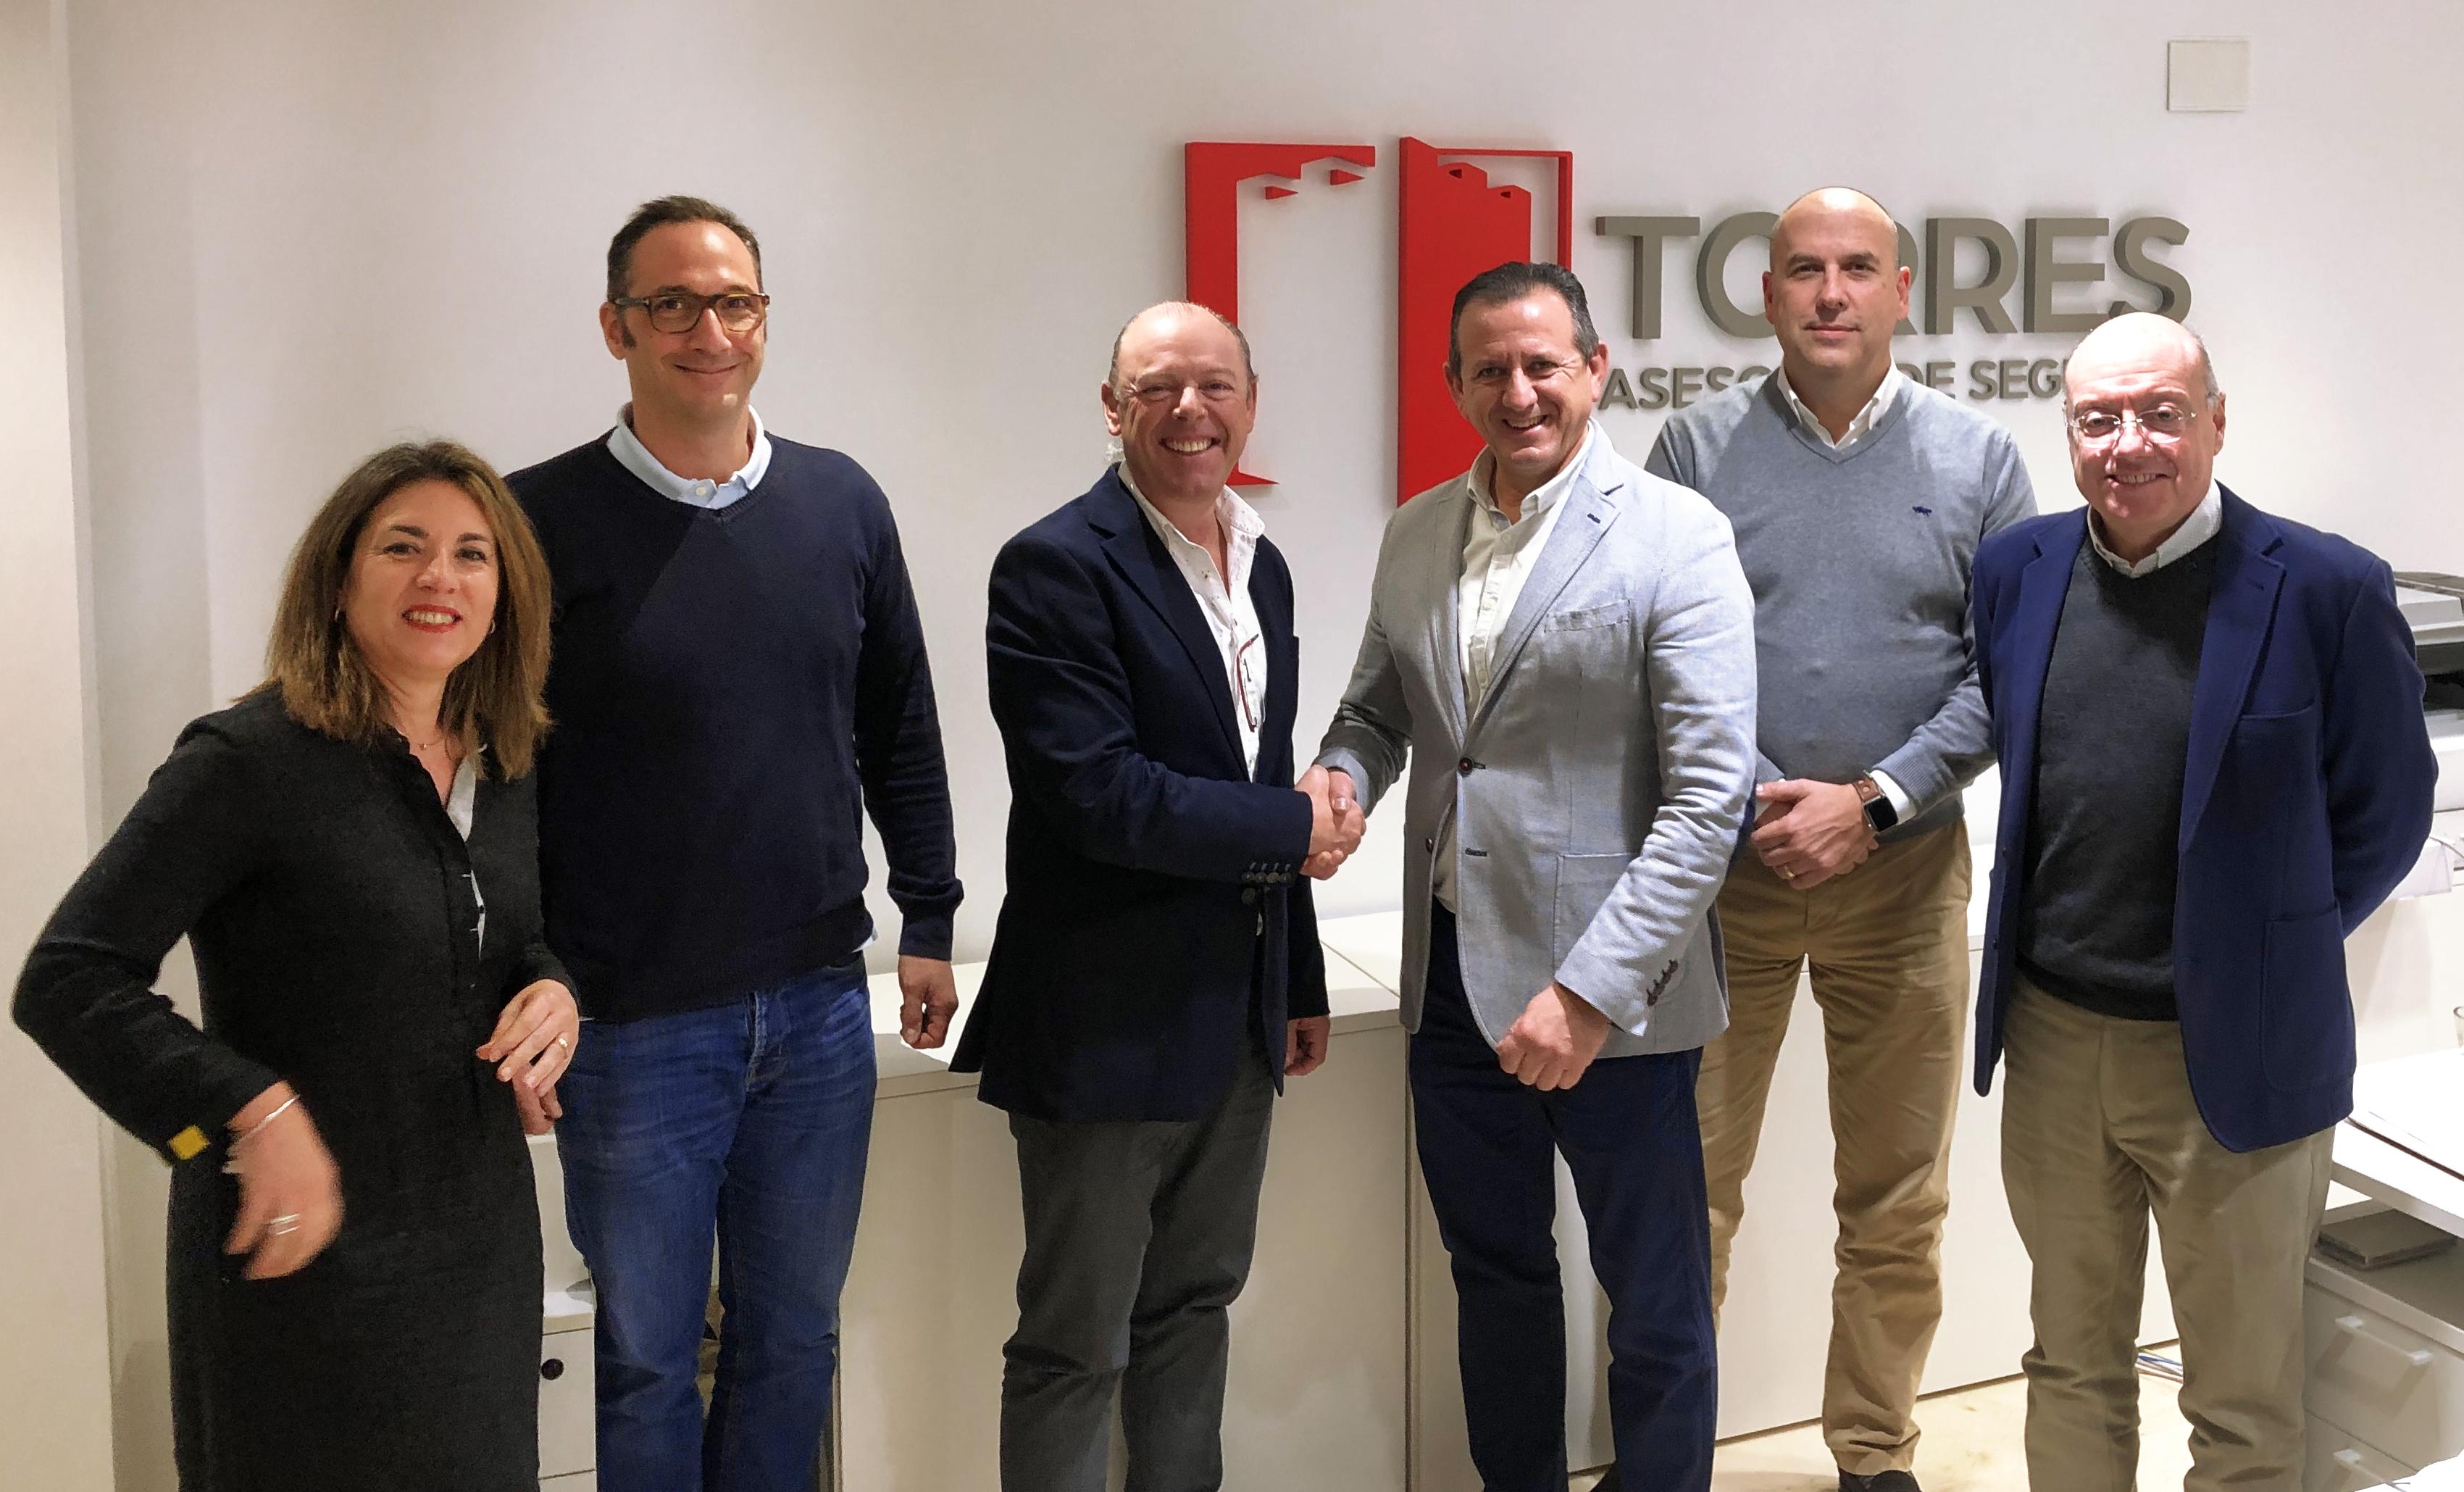 Renovación del acuerdo de colaboración con APEFA. Cumplimos 25 años al lado de los farmacéuticos de Alicante.